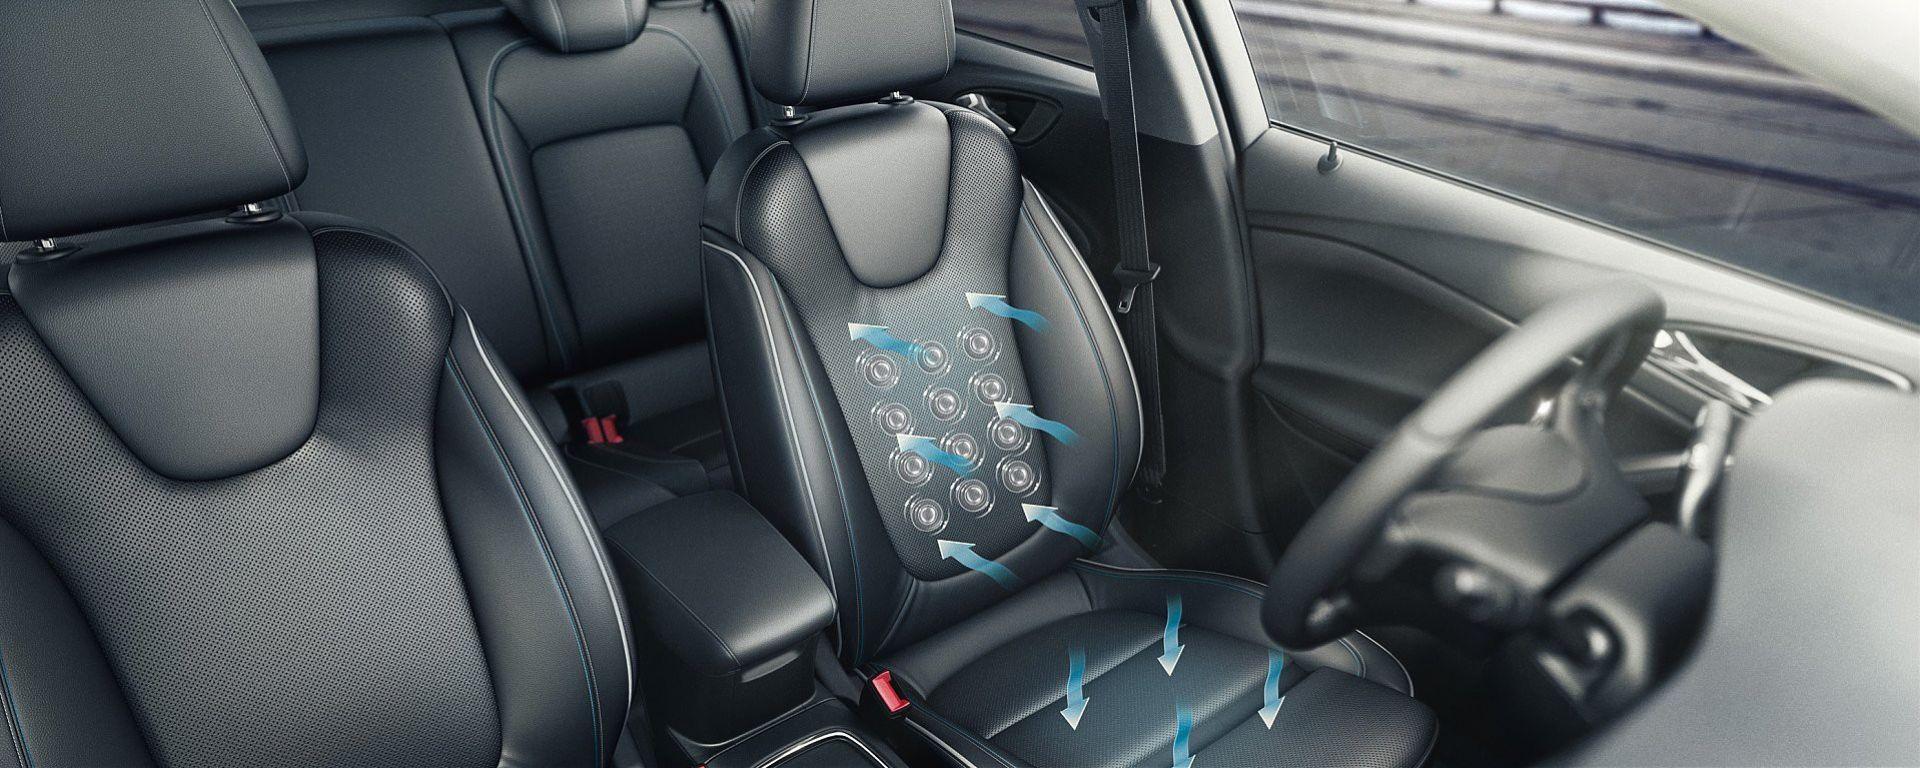 Opel Astra 2016: focus sui sedili